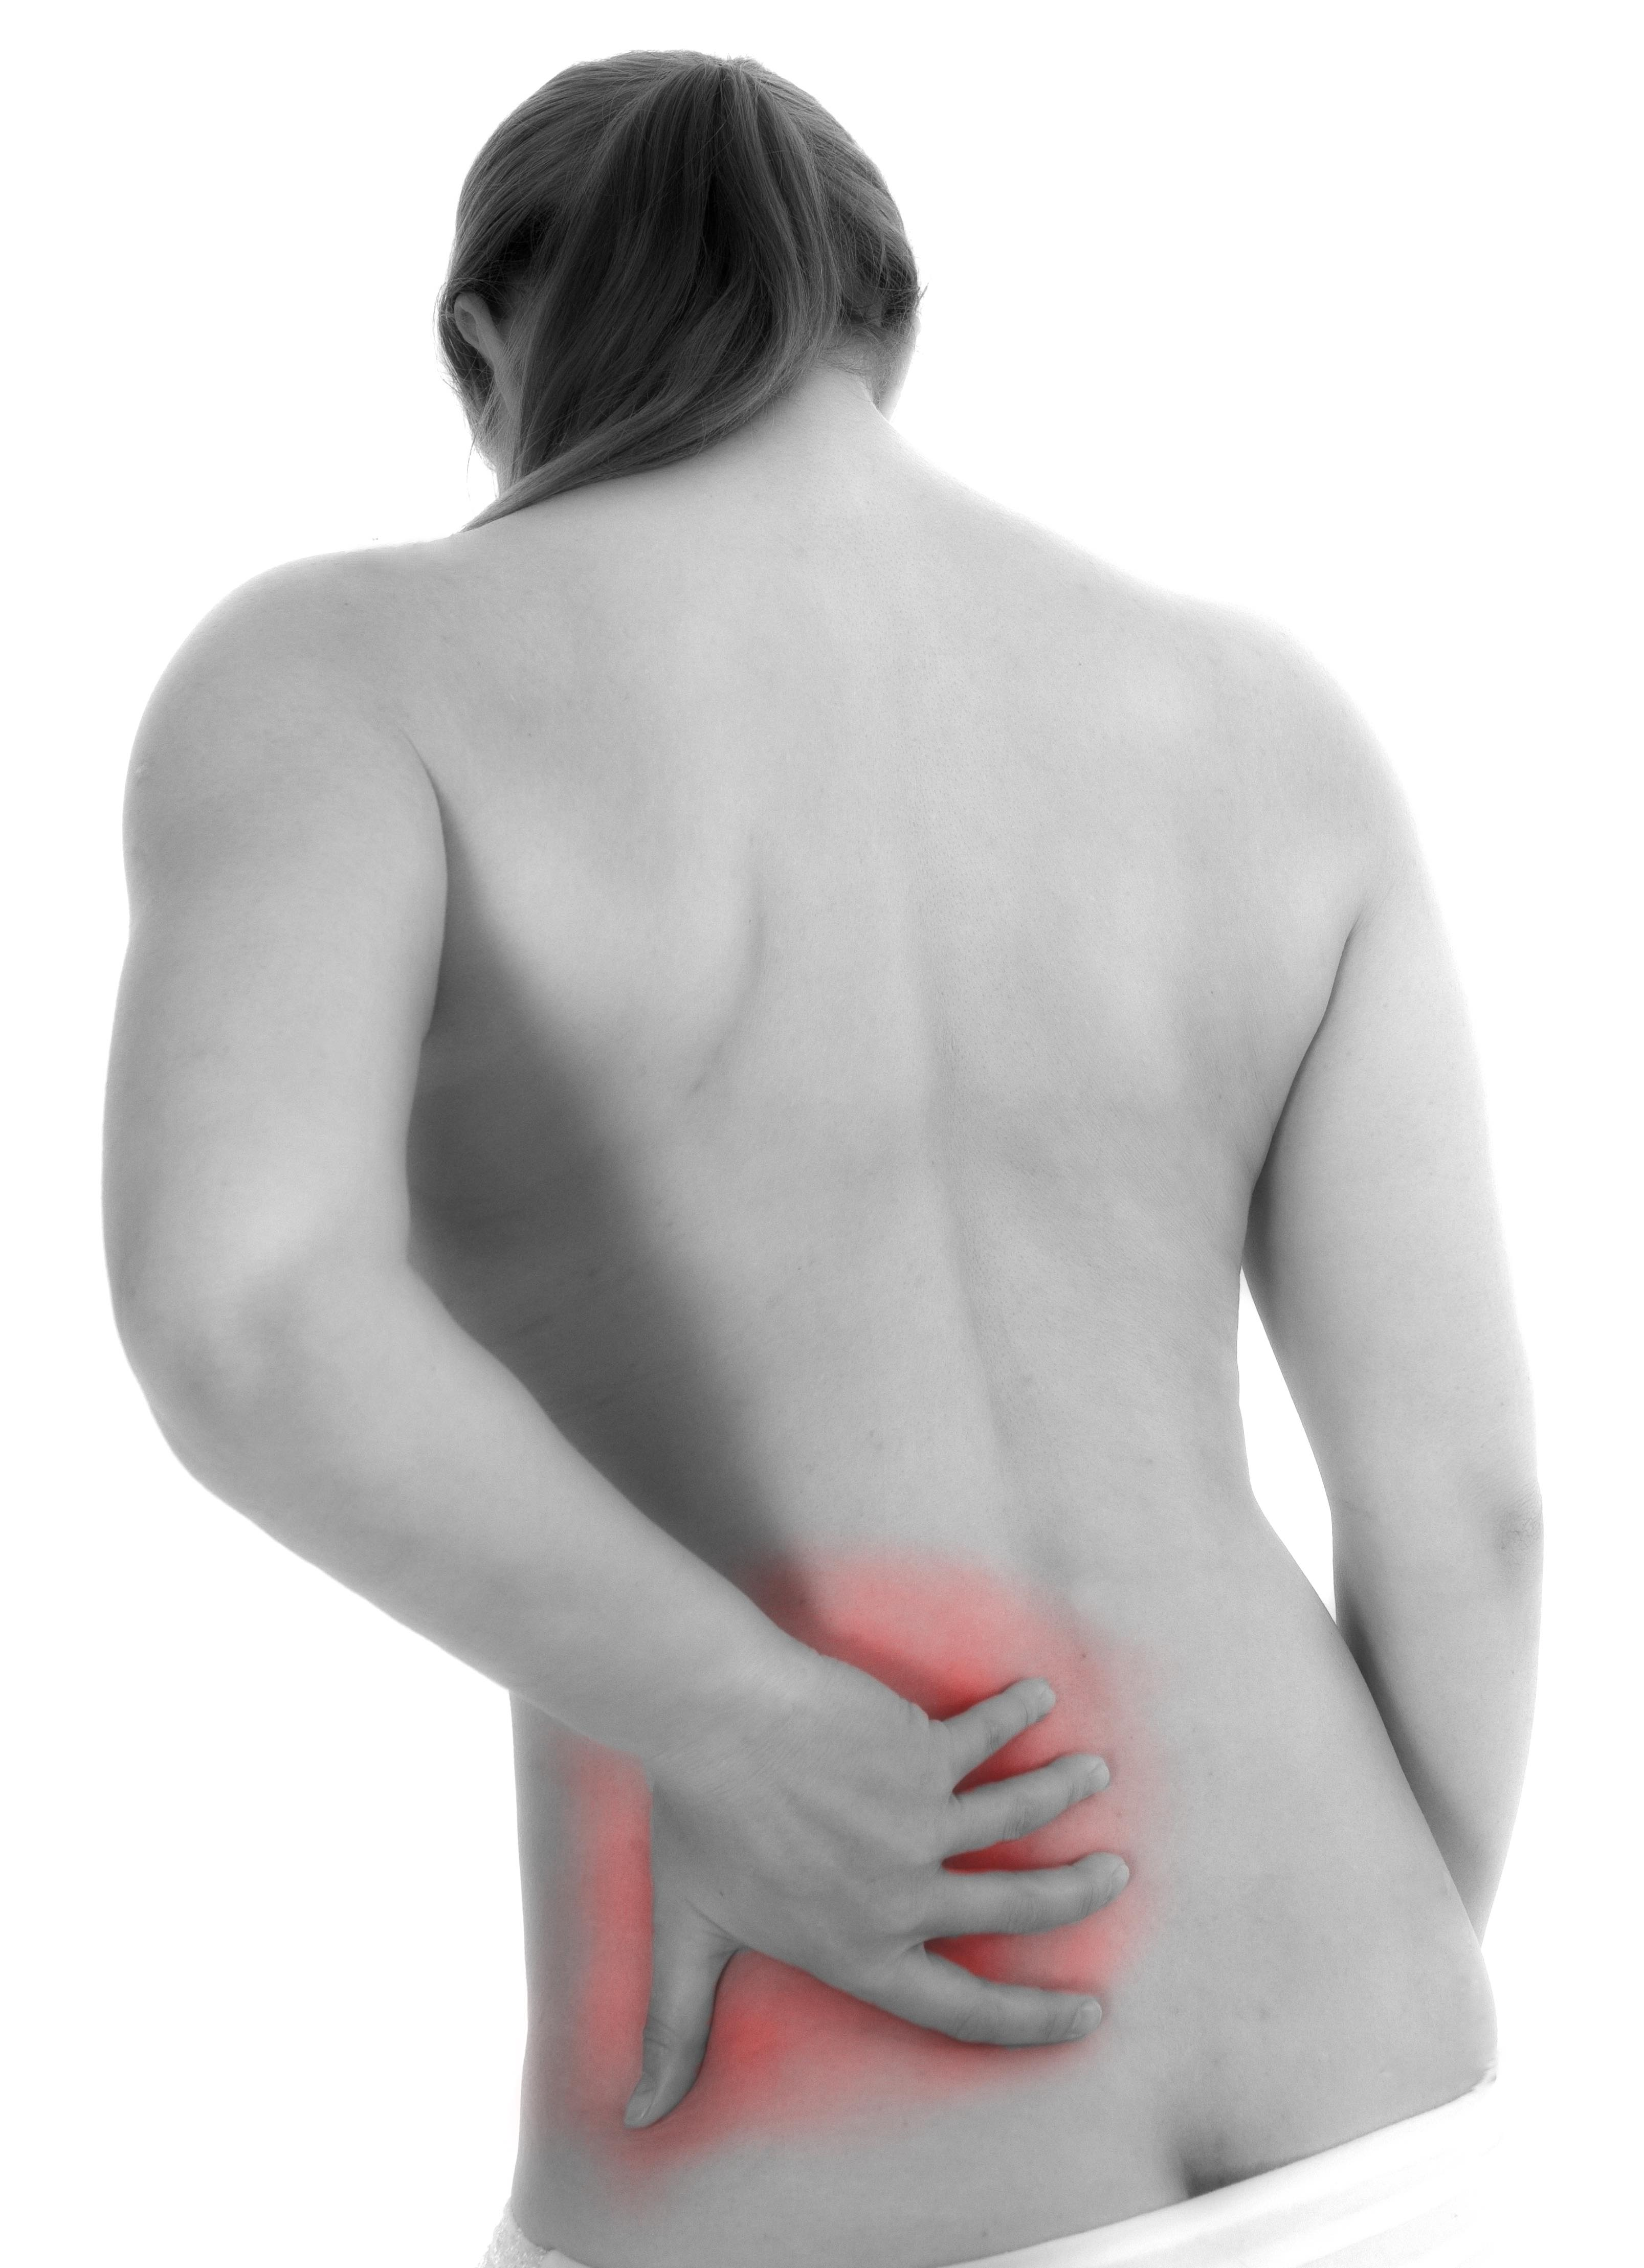 akutt smerte i ryggen